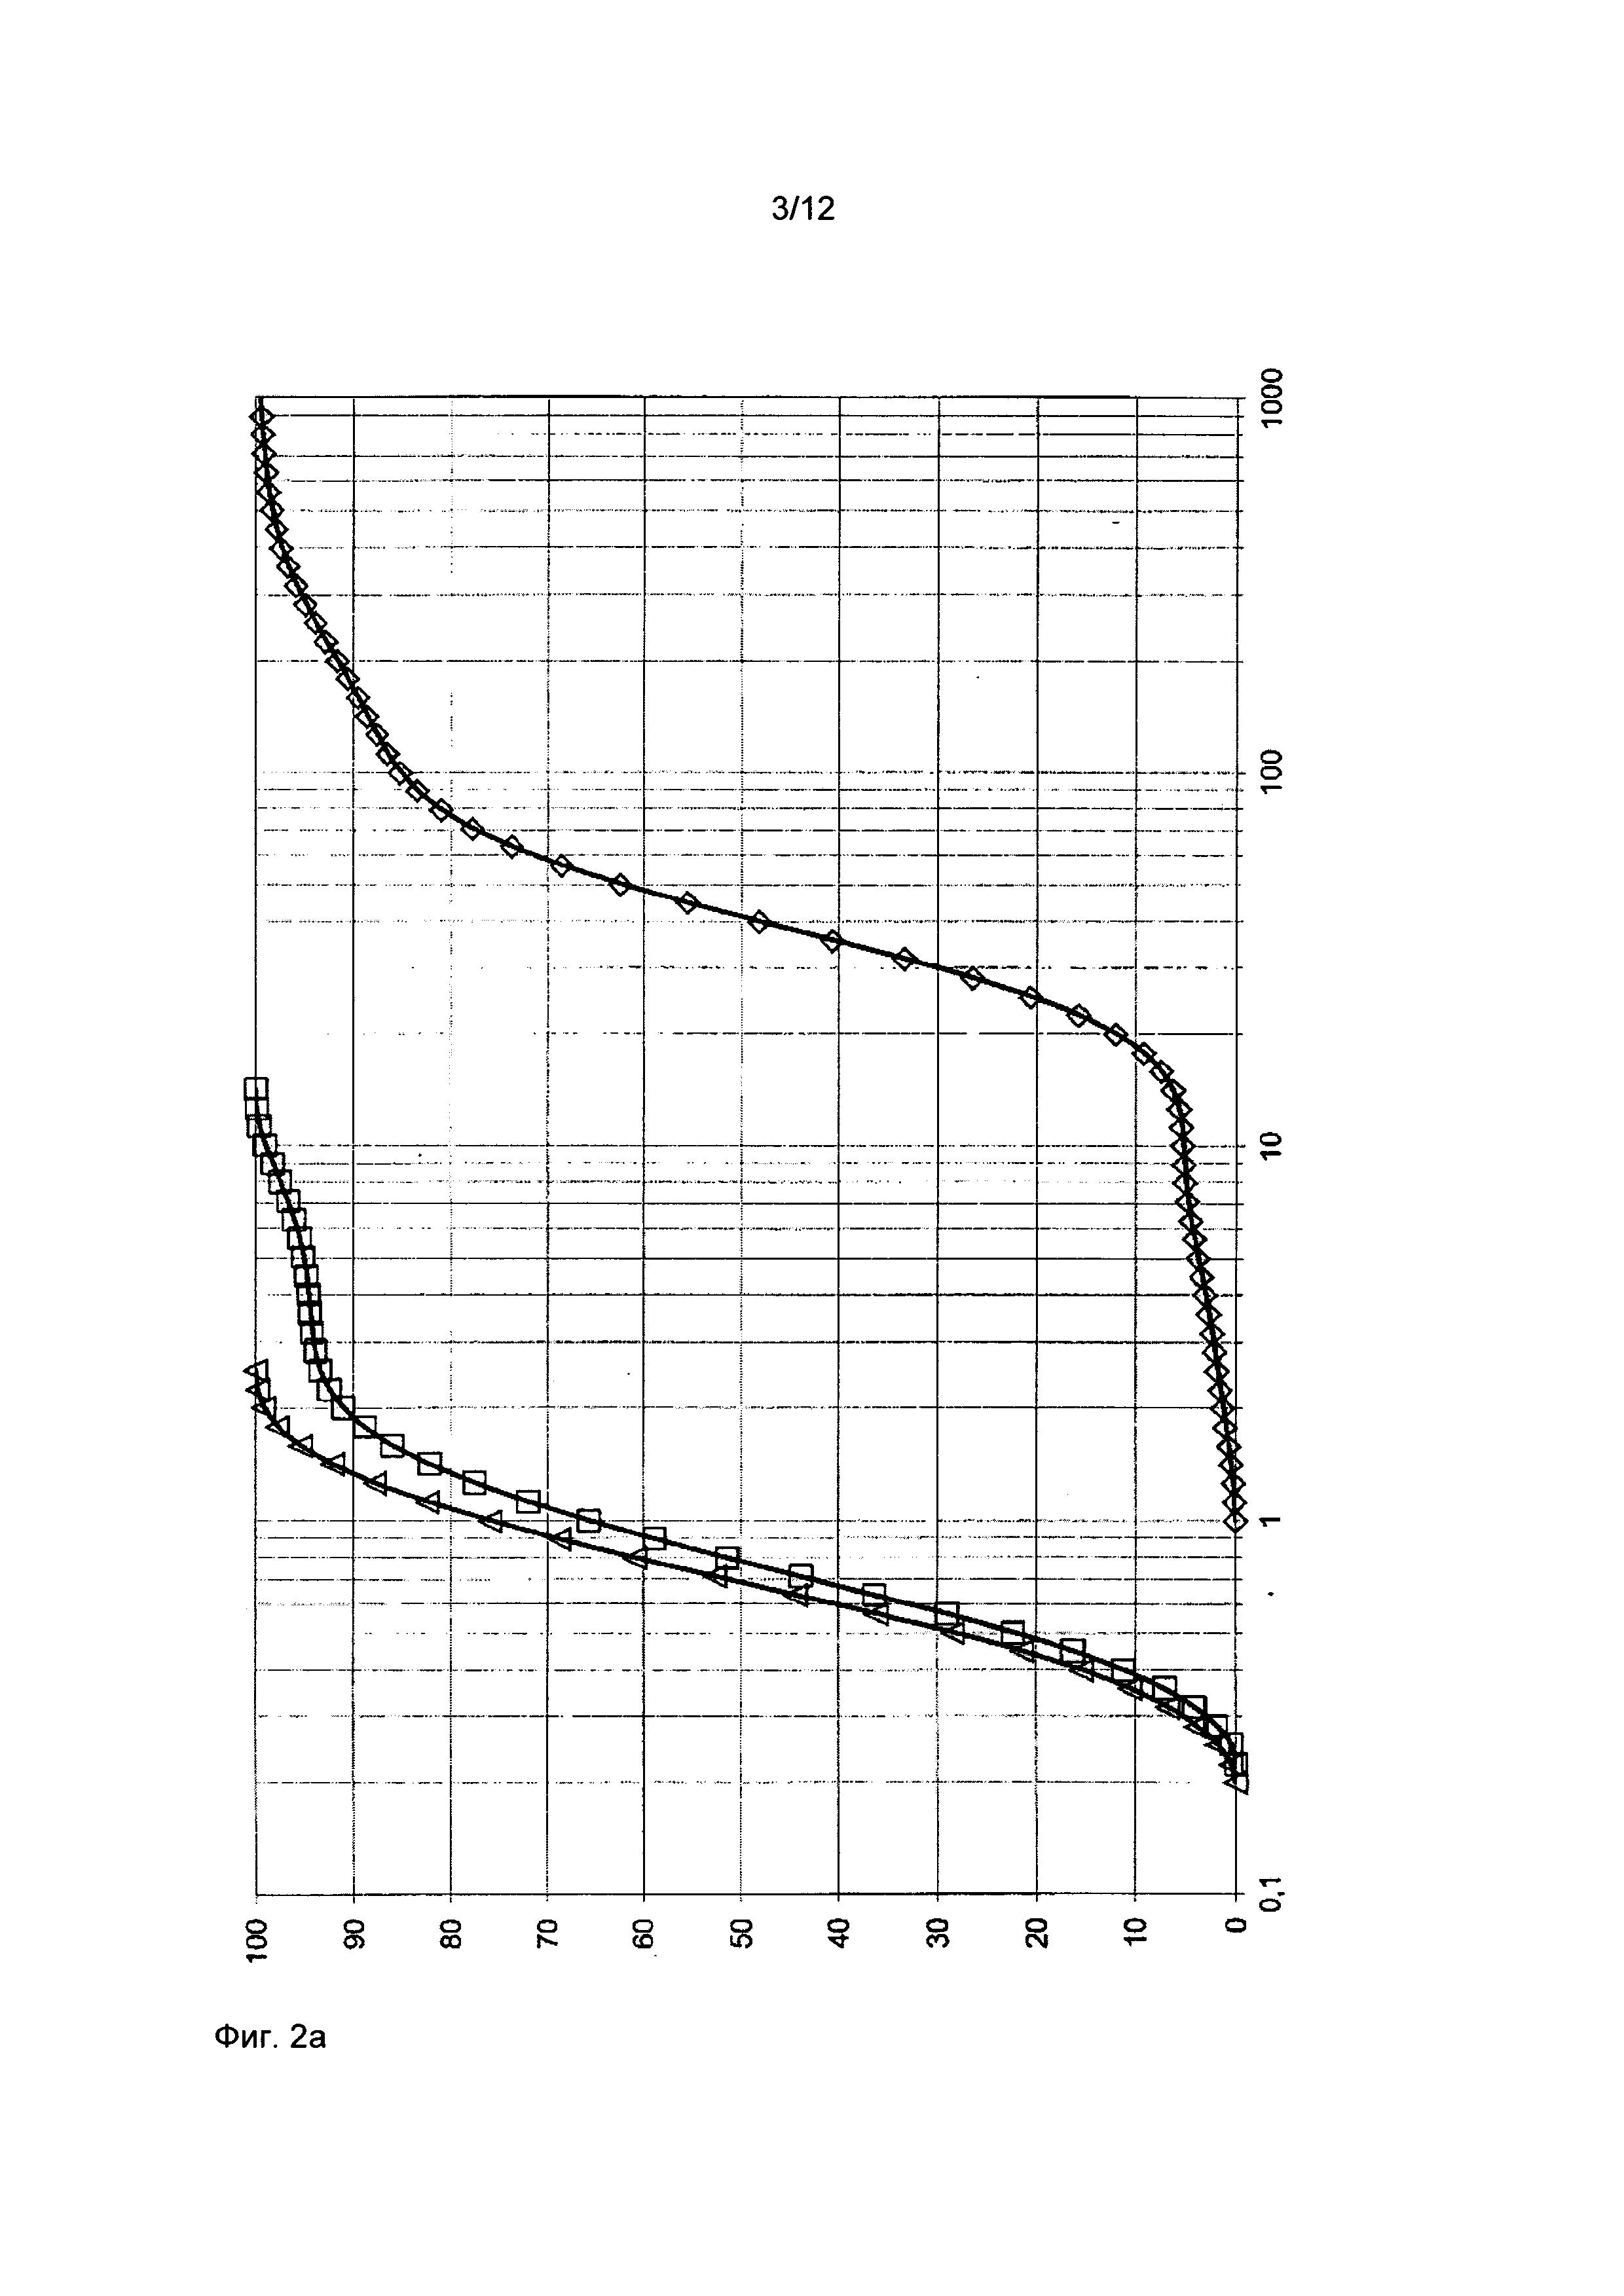 Способ получения каталитически активной массы в виде смеси содержащего молибден и ванадий многоэлементного оксида по меньшей мере с одним оксидом молибдена